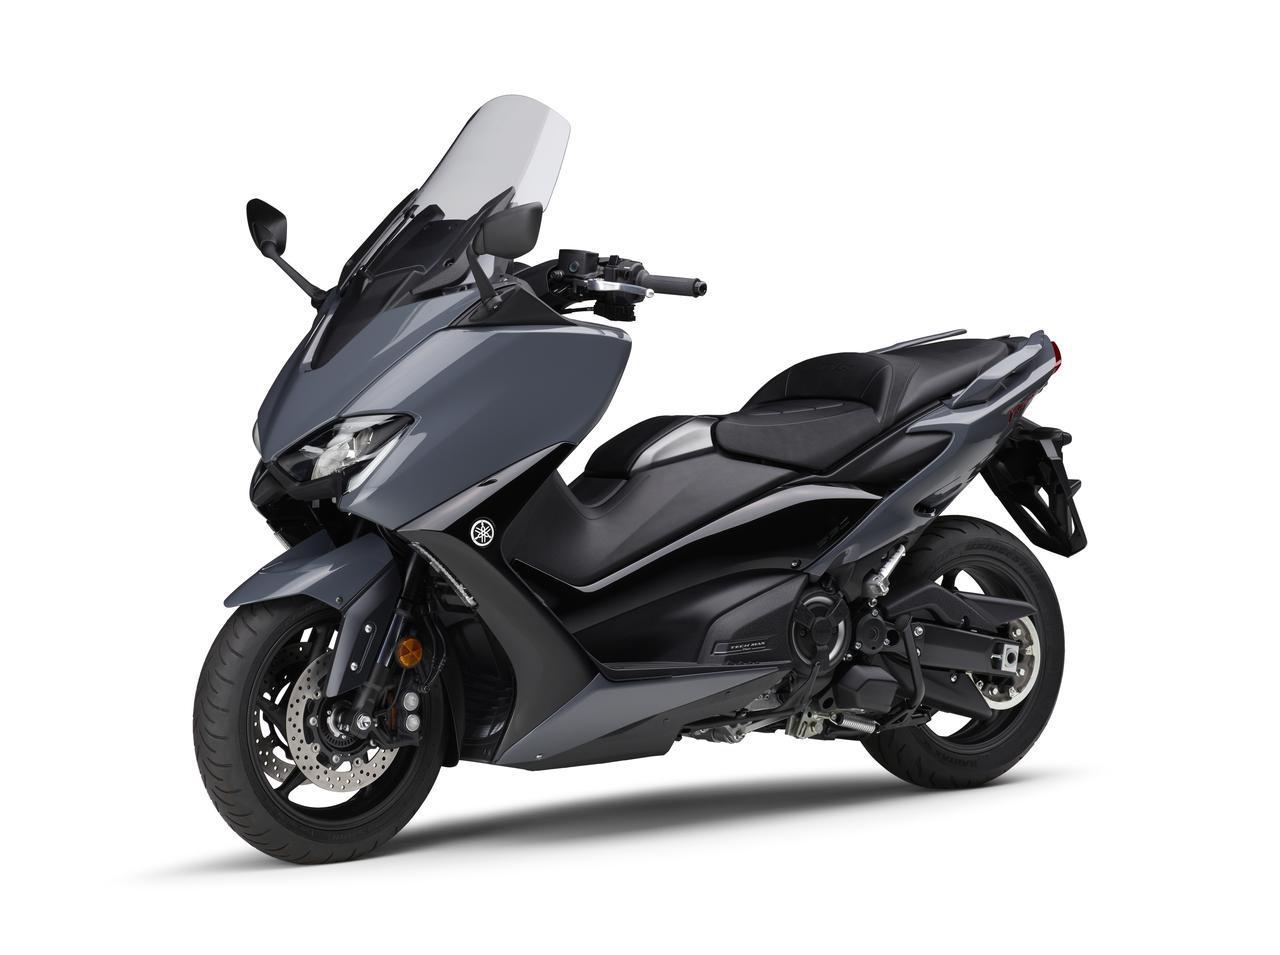 画像4: ヤマハが「TMAX560 テックマックス」の2021年モデルを発売! 新色はパステルダークグレー、人気カラー投票実施中